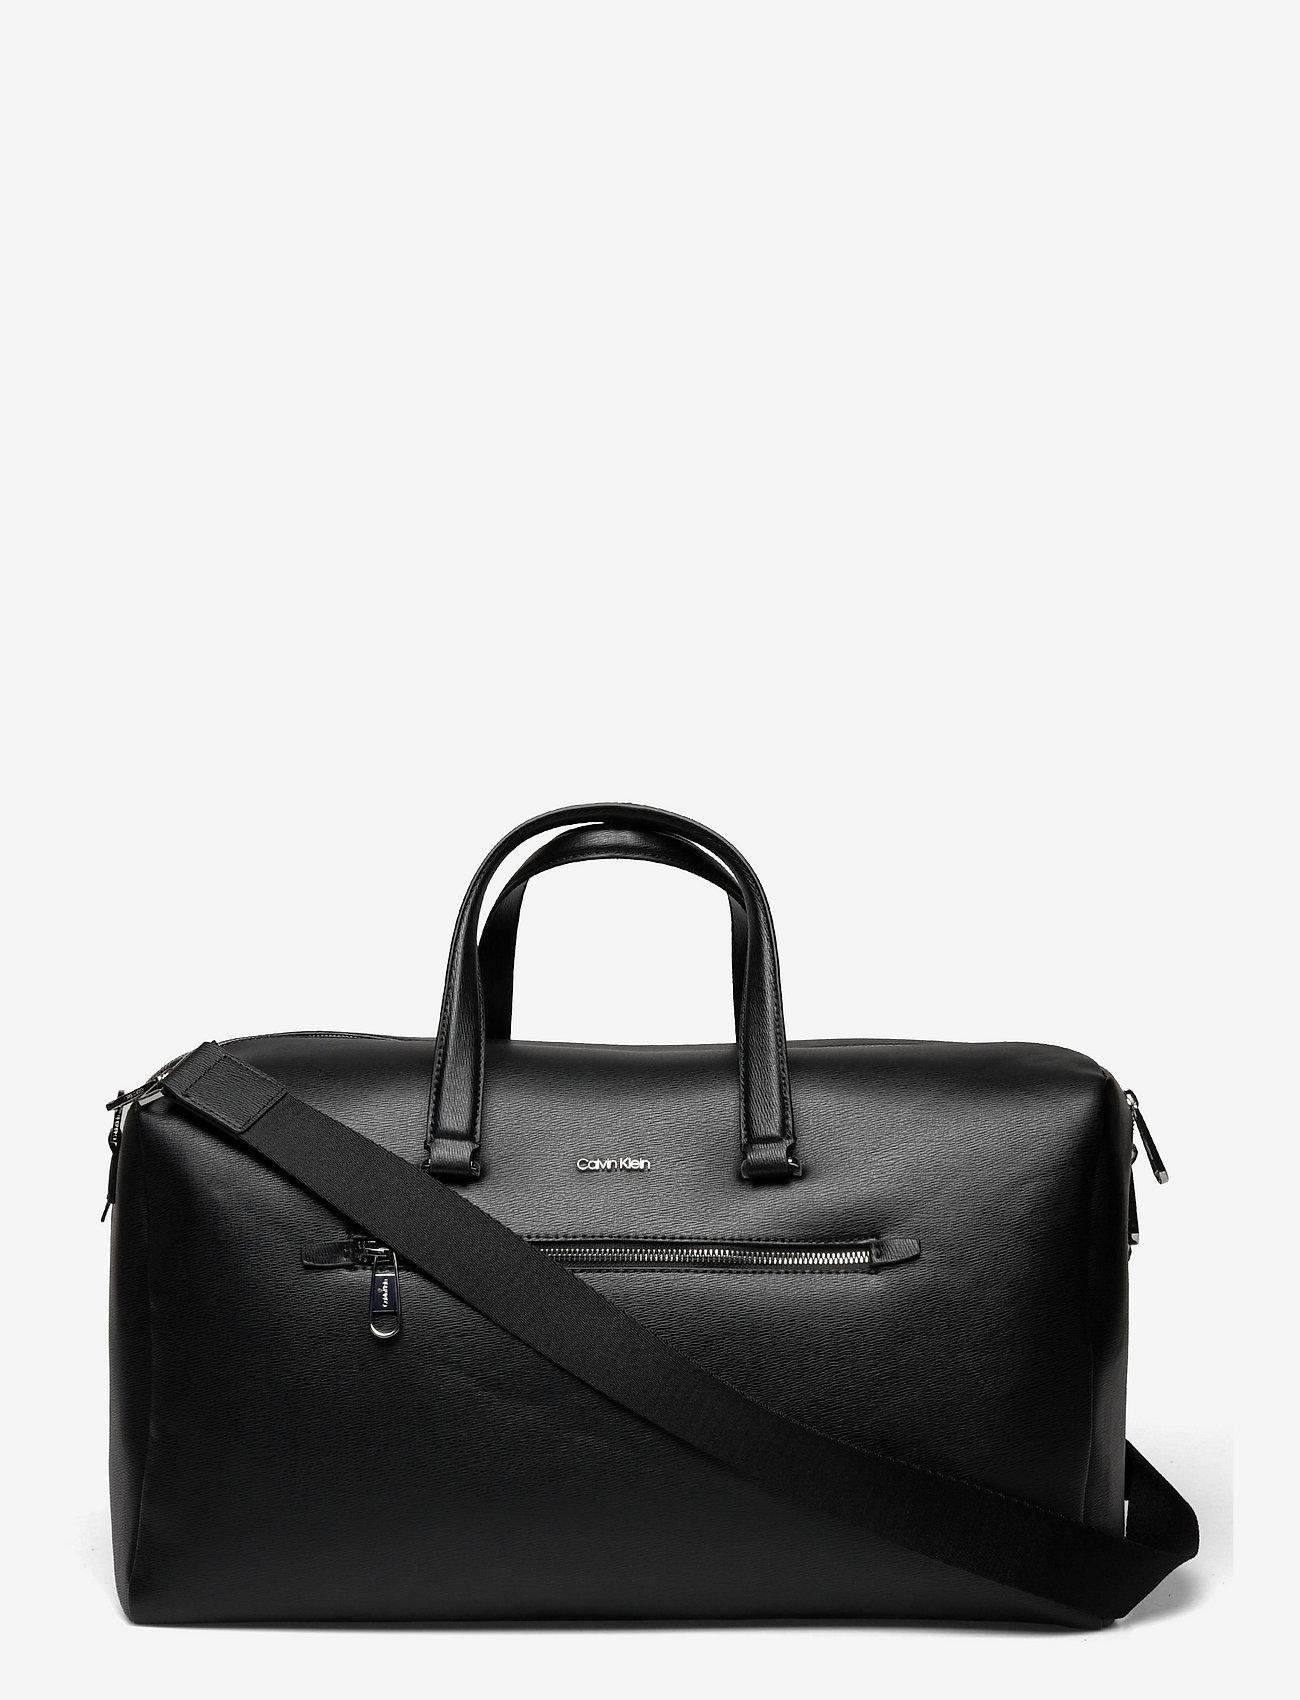 Calvin Klein - MINIMALISM WEEKENDER - gym bags - ck black - 0